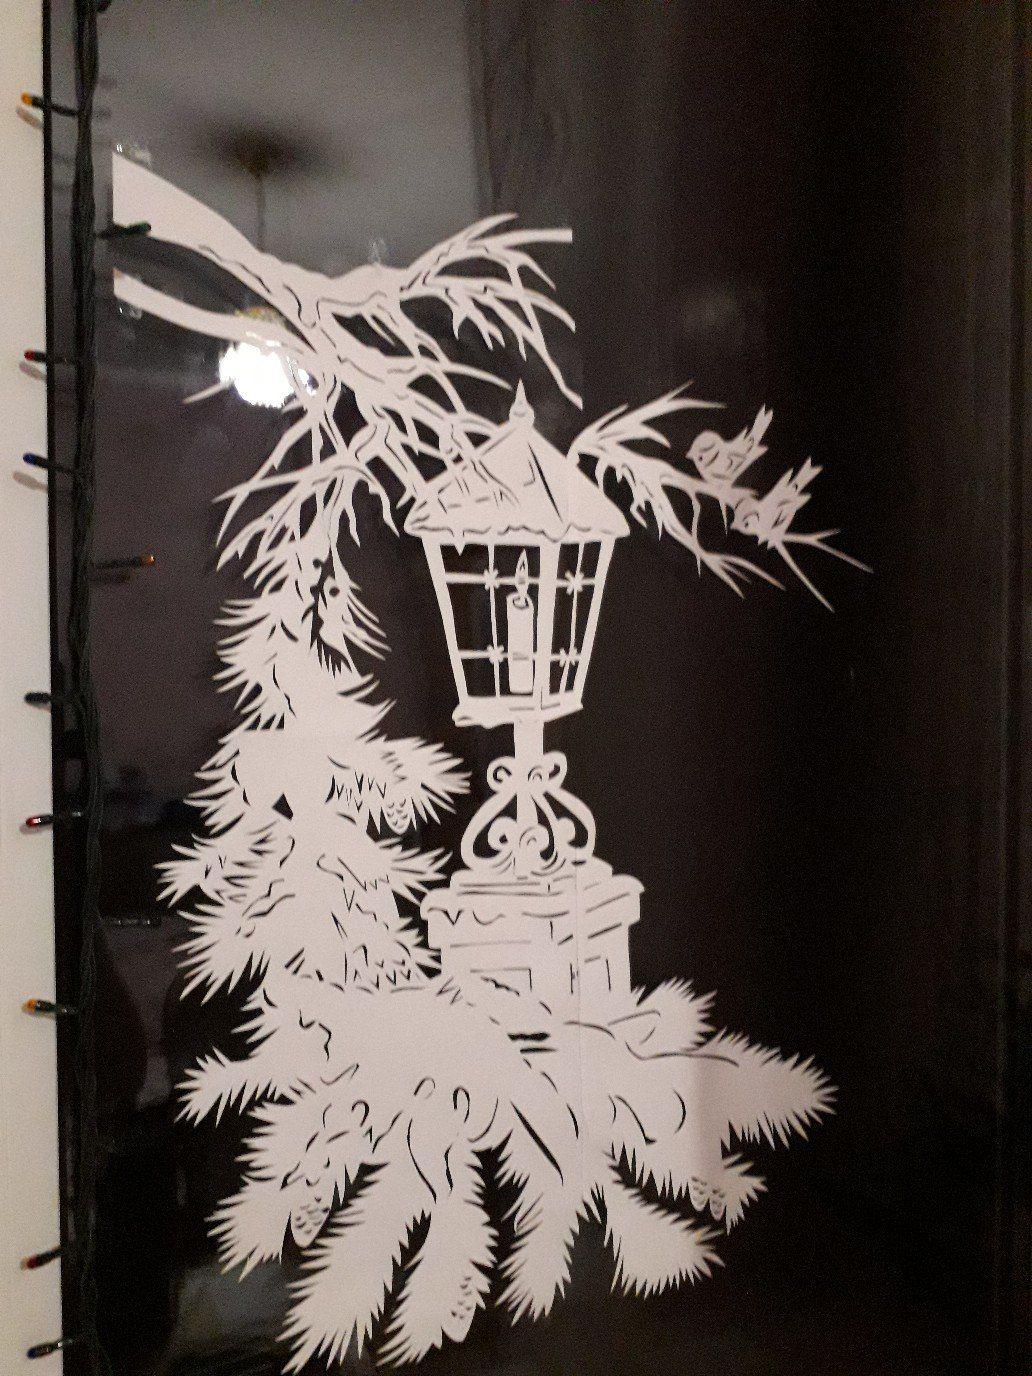 красивые картинки веток деревьев вырезать из бумаги на окно вами поделиться